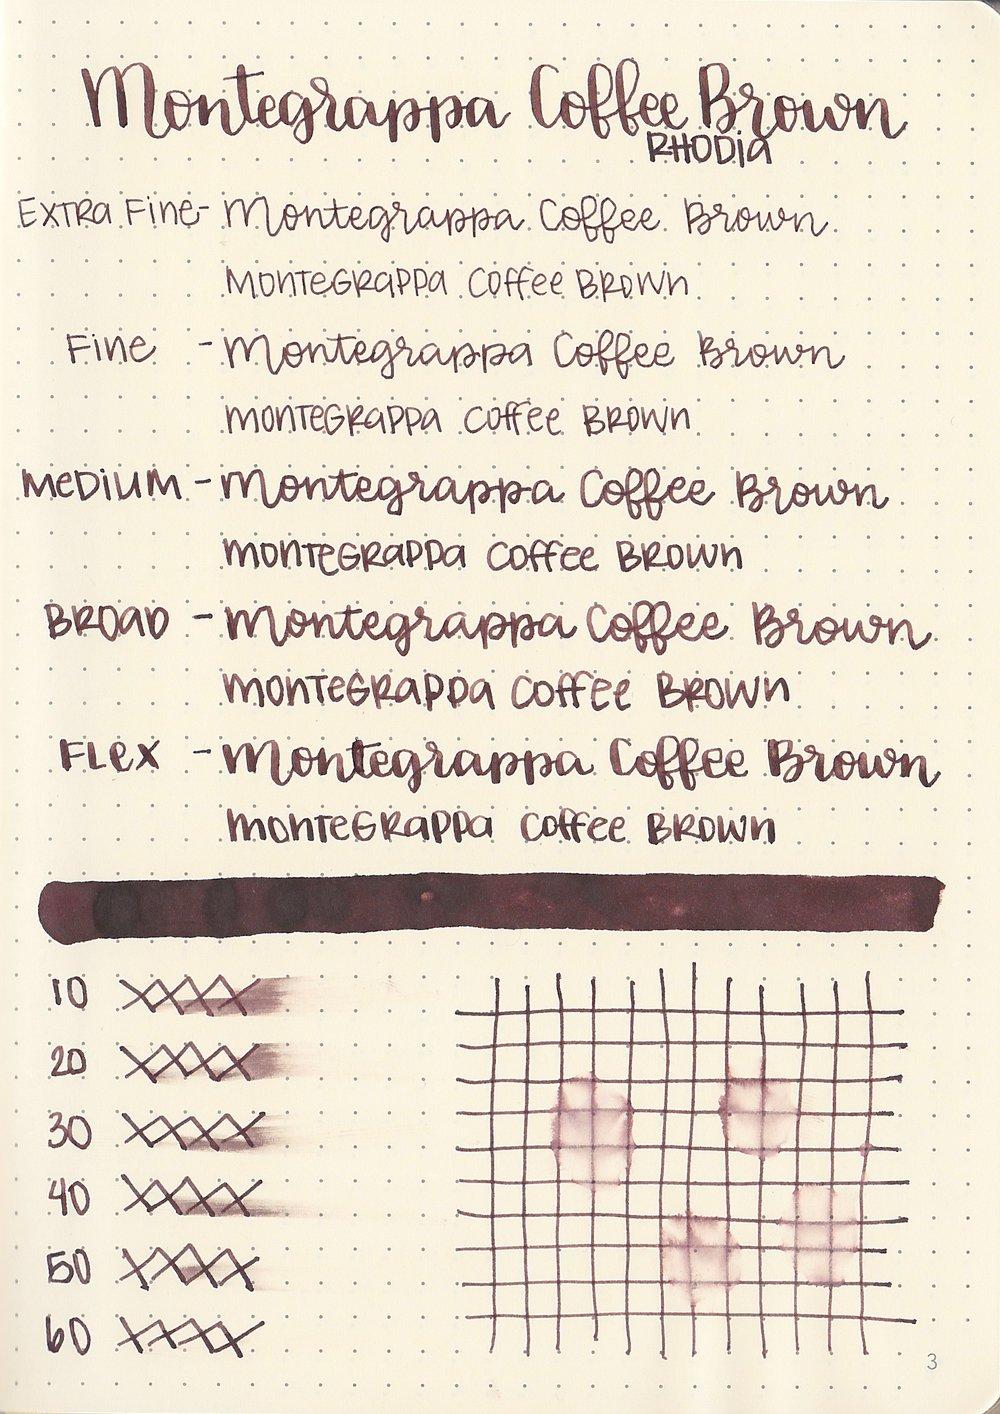 MCoffeeBrown - 8.jpg